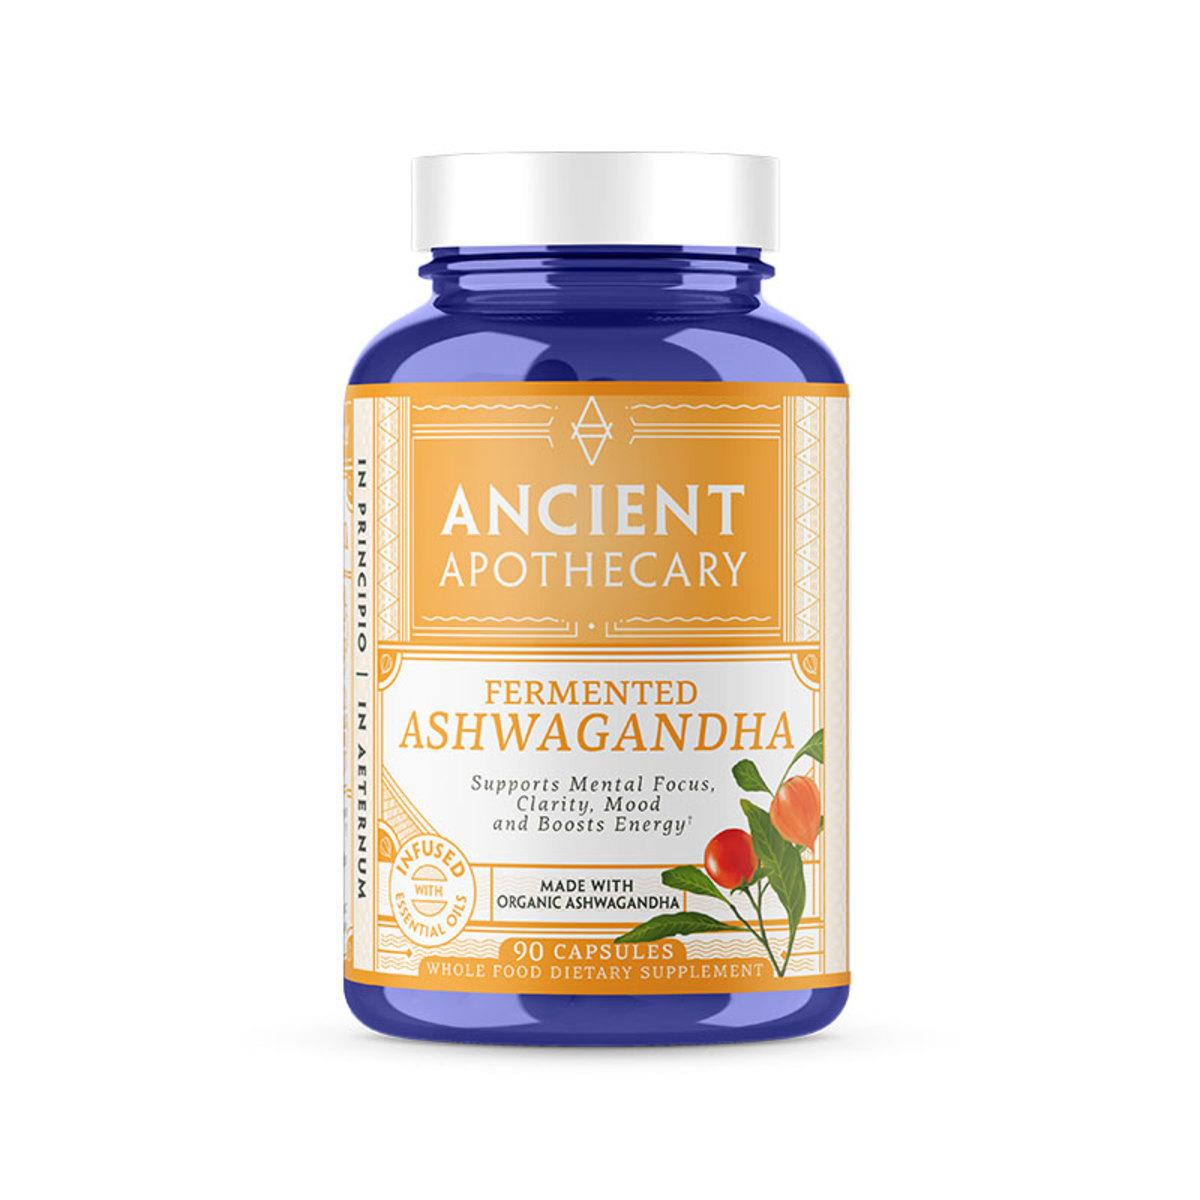 ashwagandha ancient apothecary